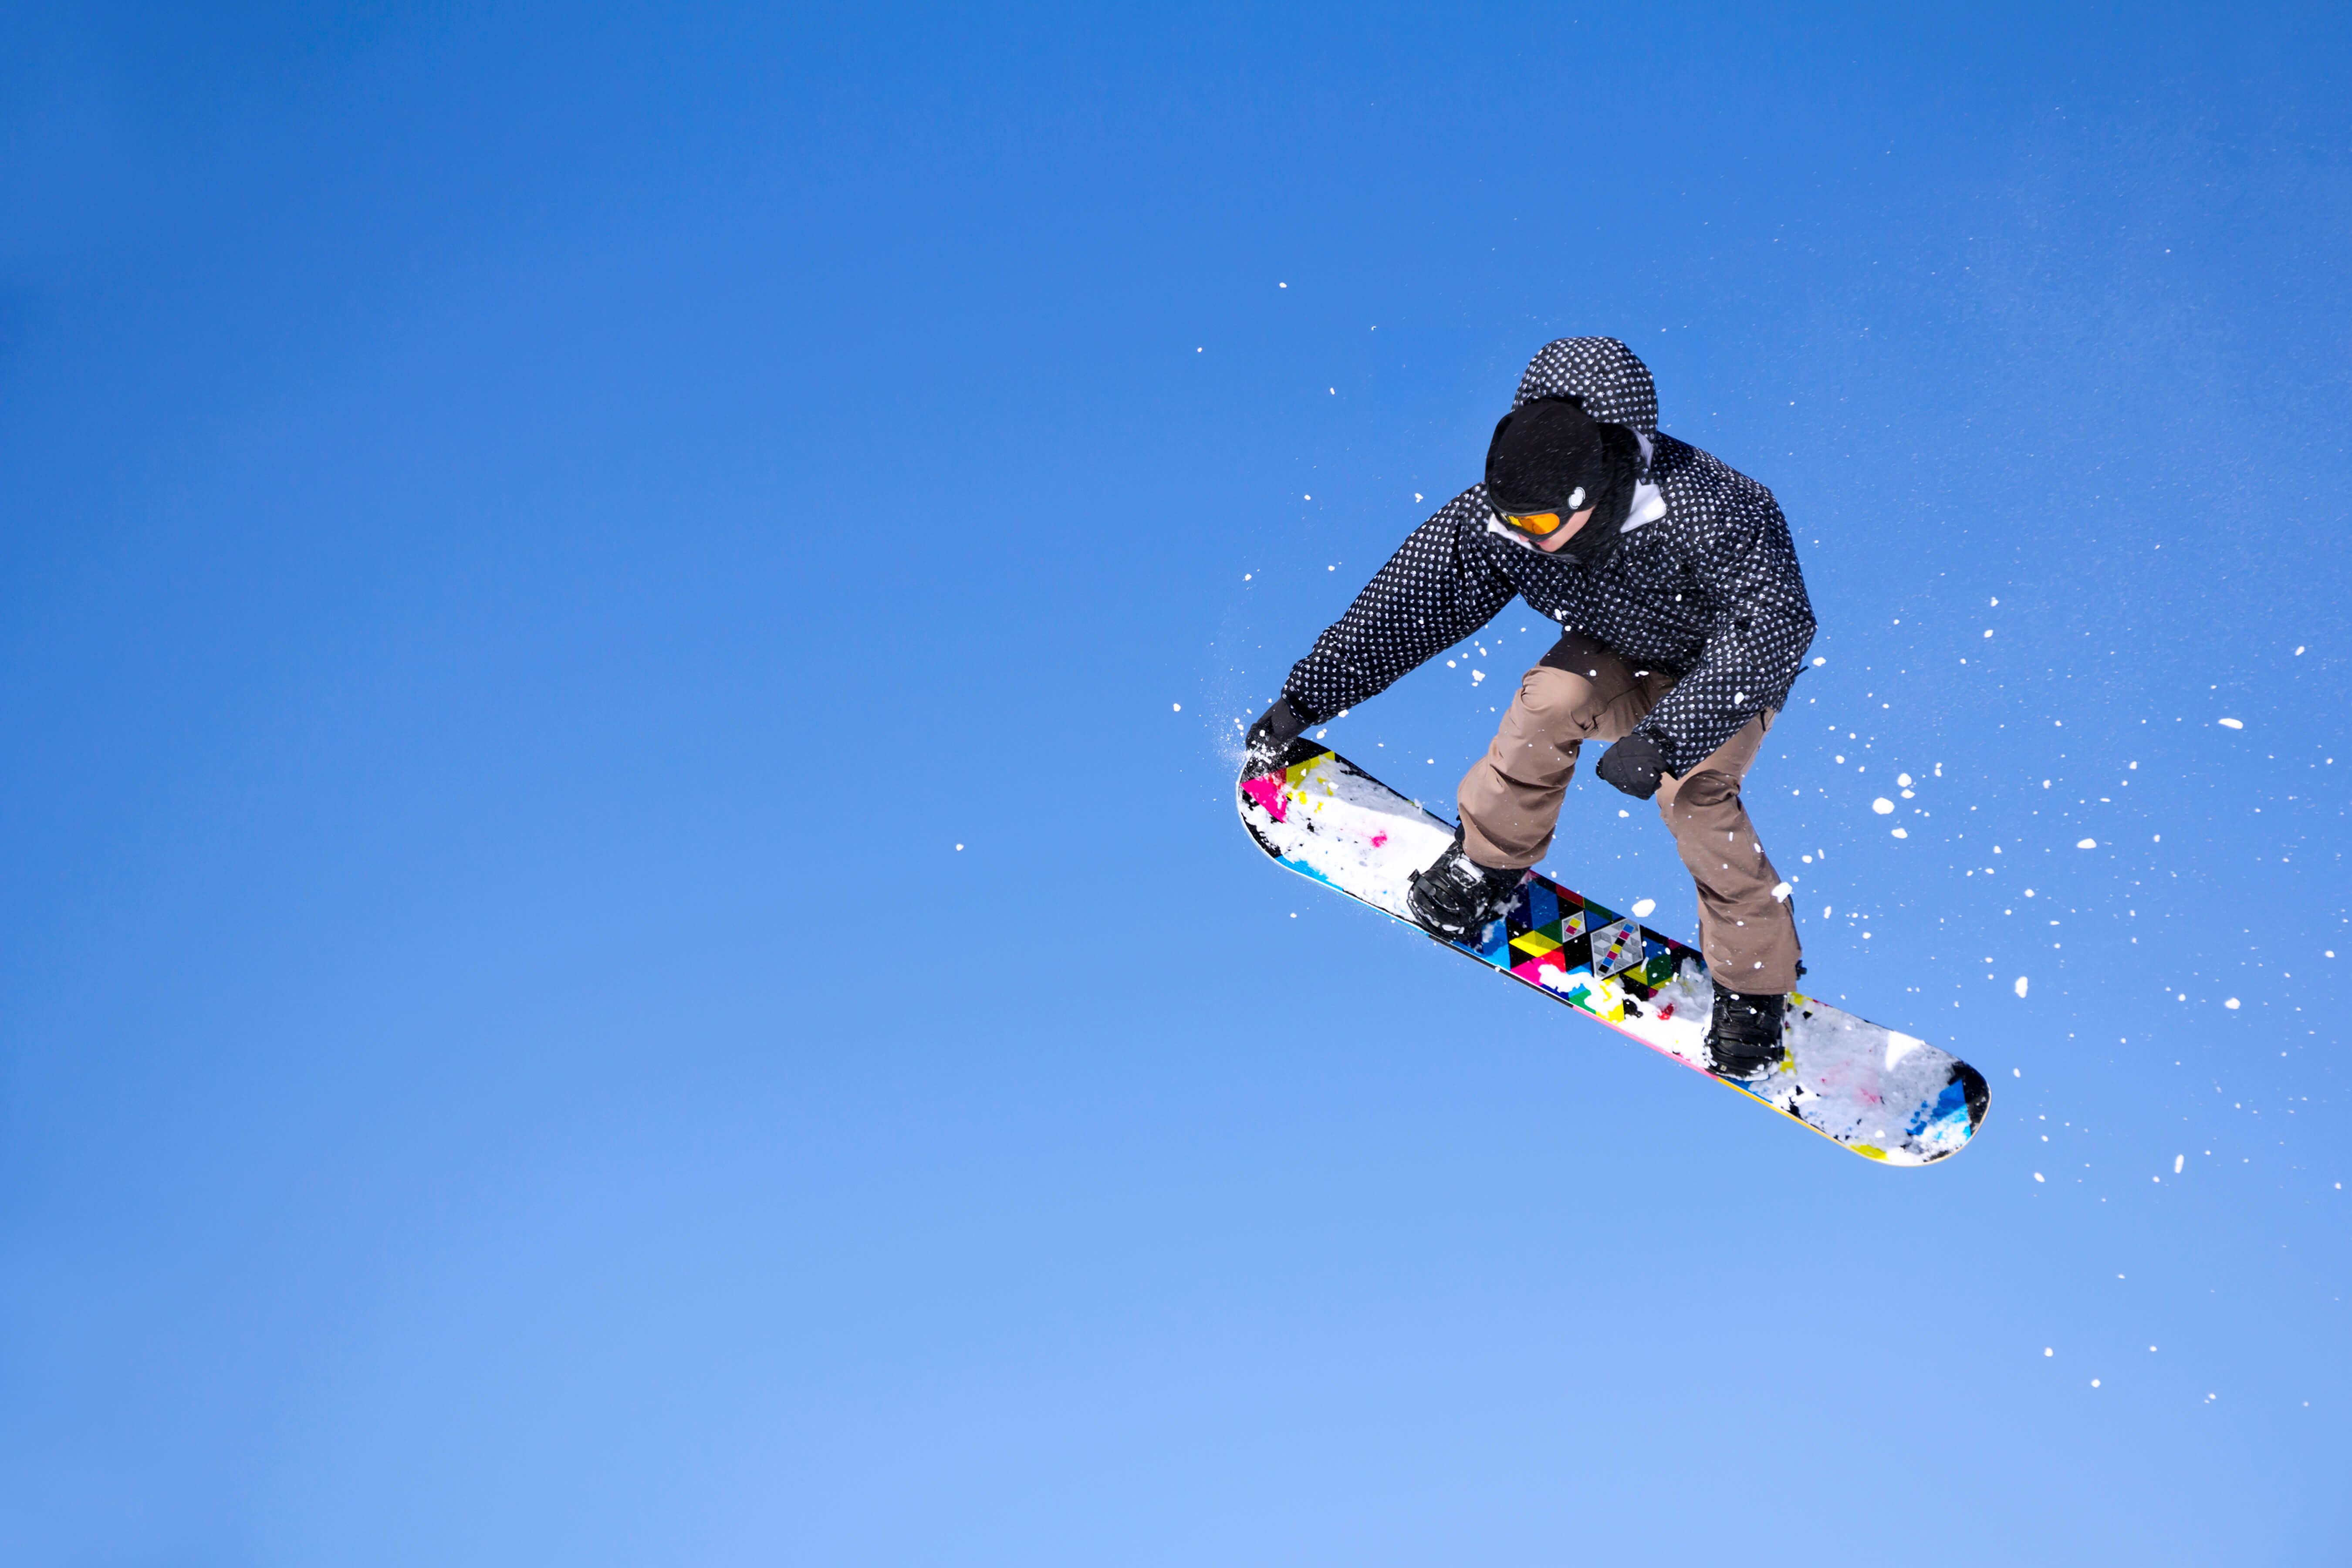 青空とスノーボーダー